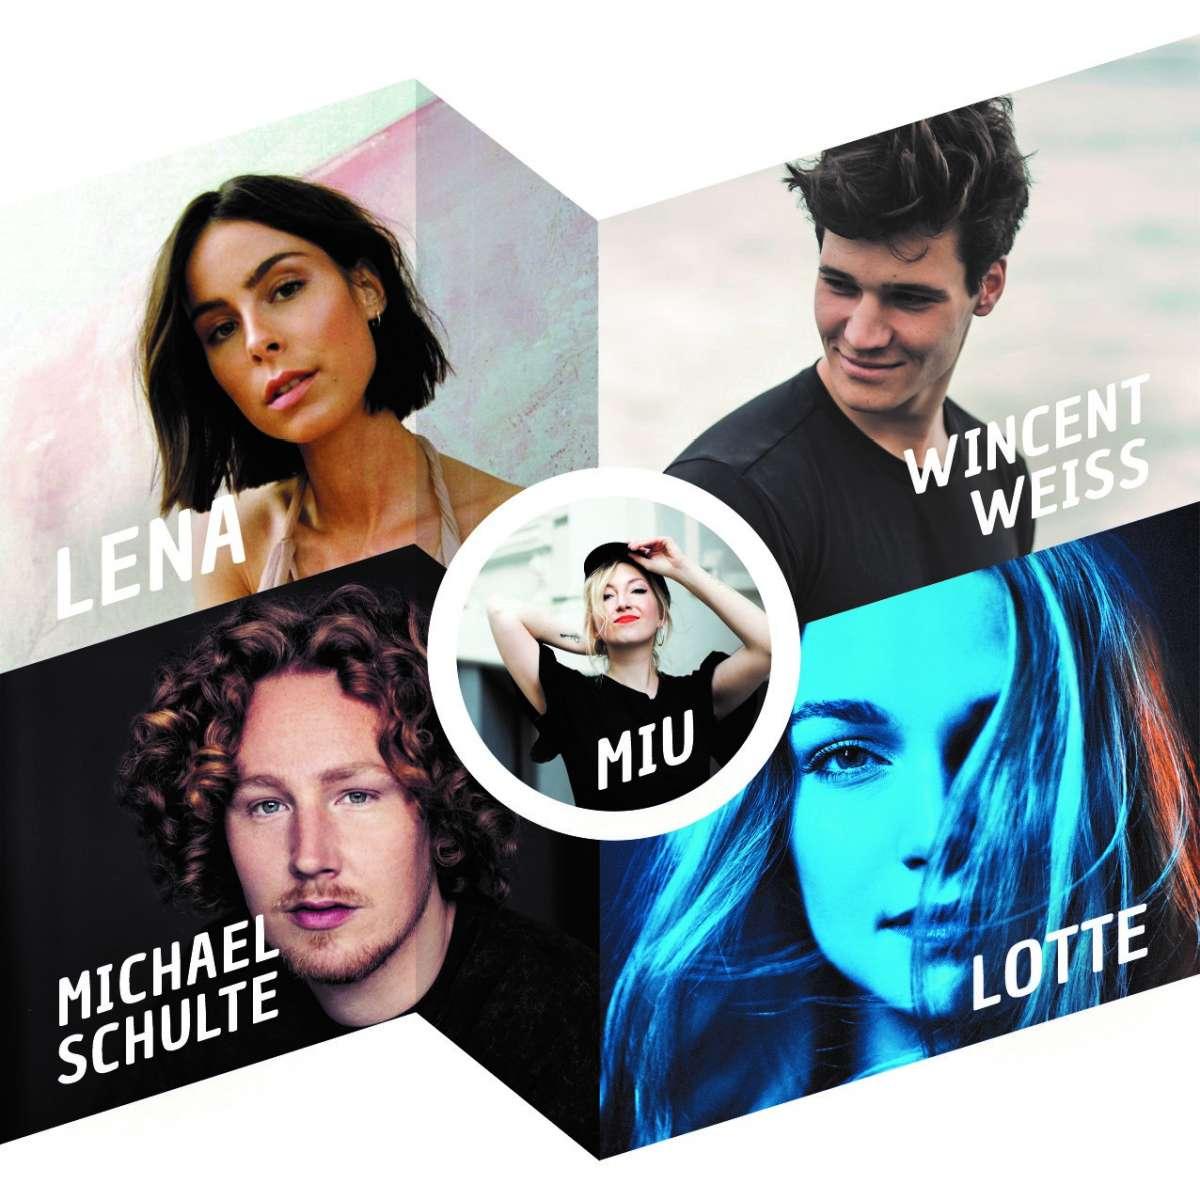 Das Weser Open Air 2020 - NACHHOLTERMIN - Wincent Weiss, Lena, Michael Schulte, Lotte, Miu - Festplatz am Hakel - Beverungen